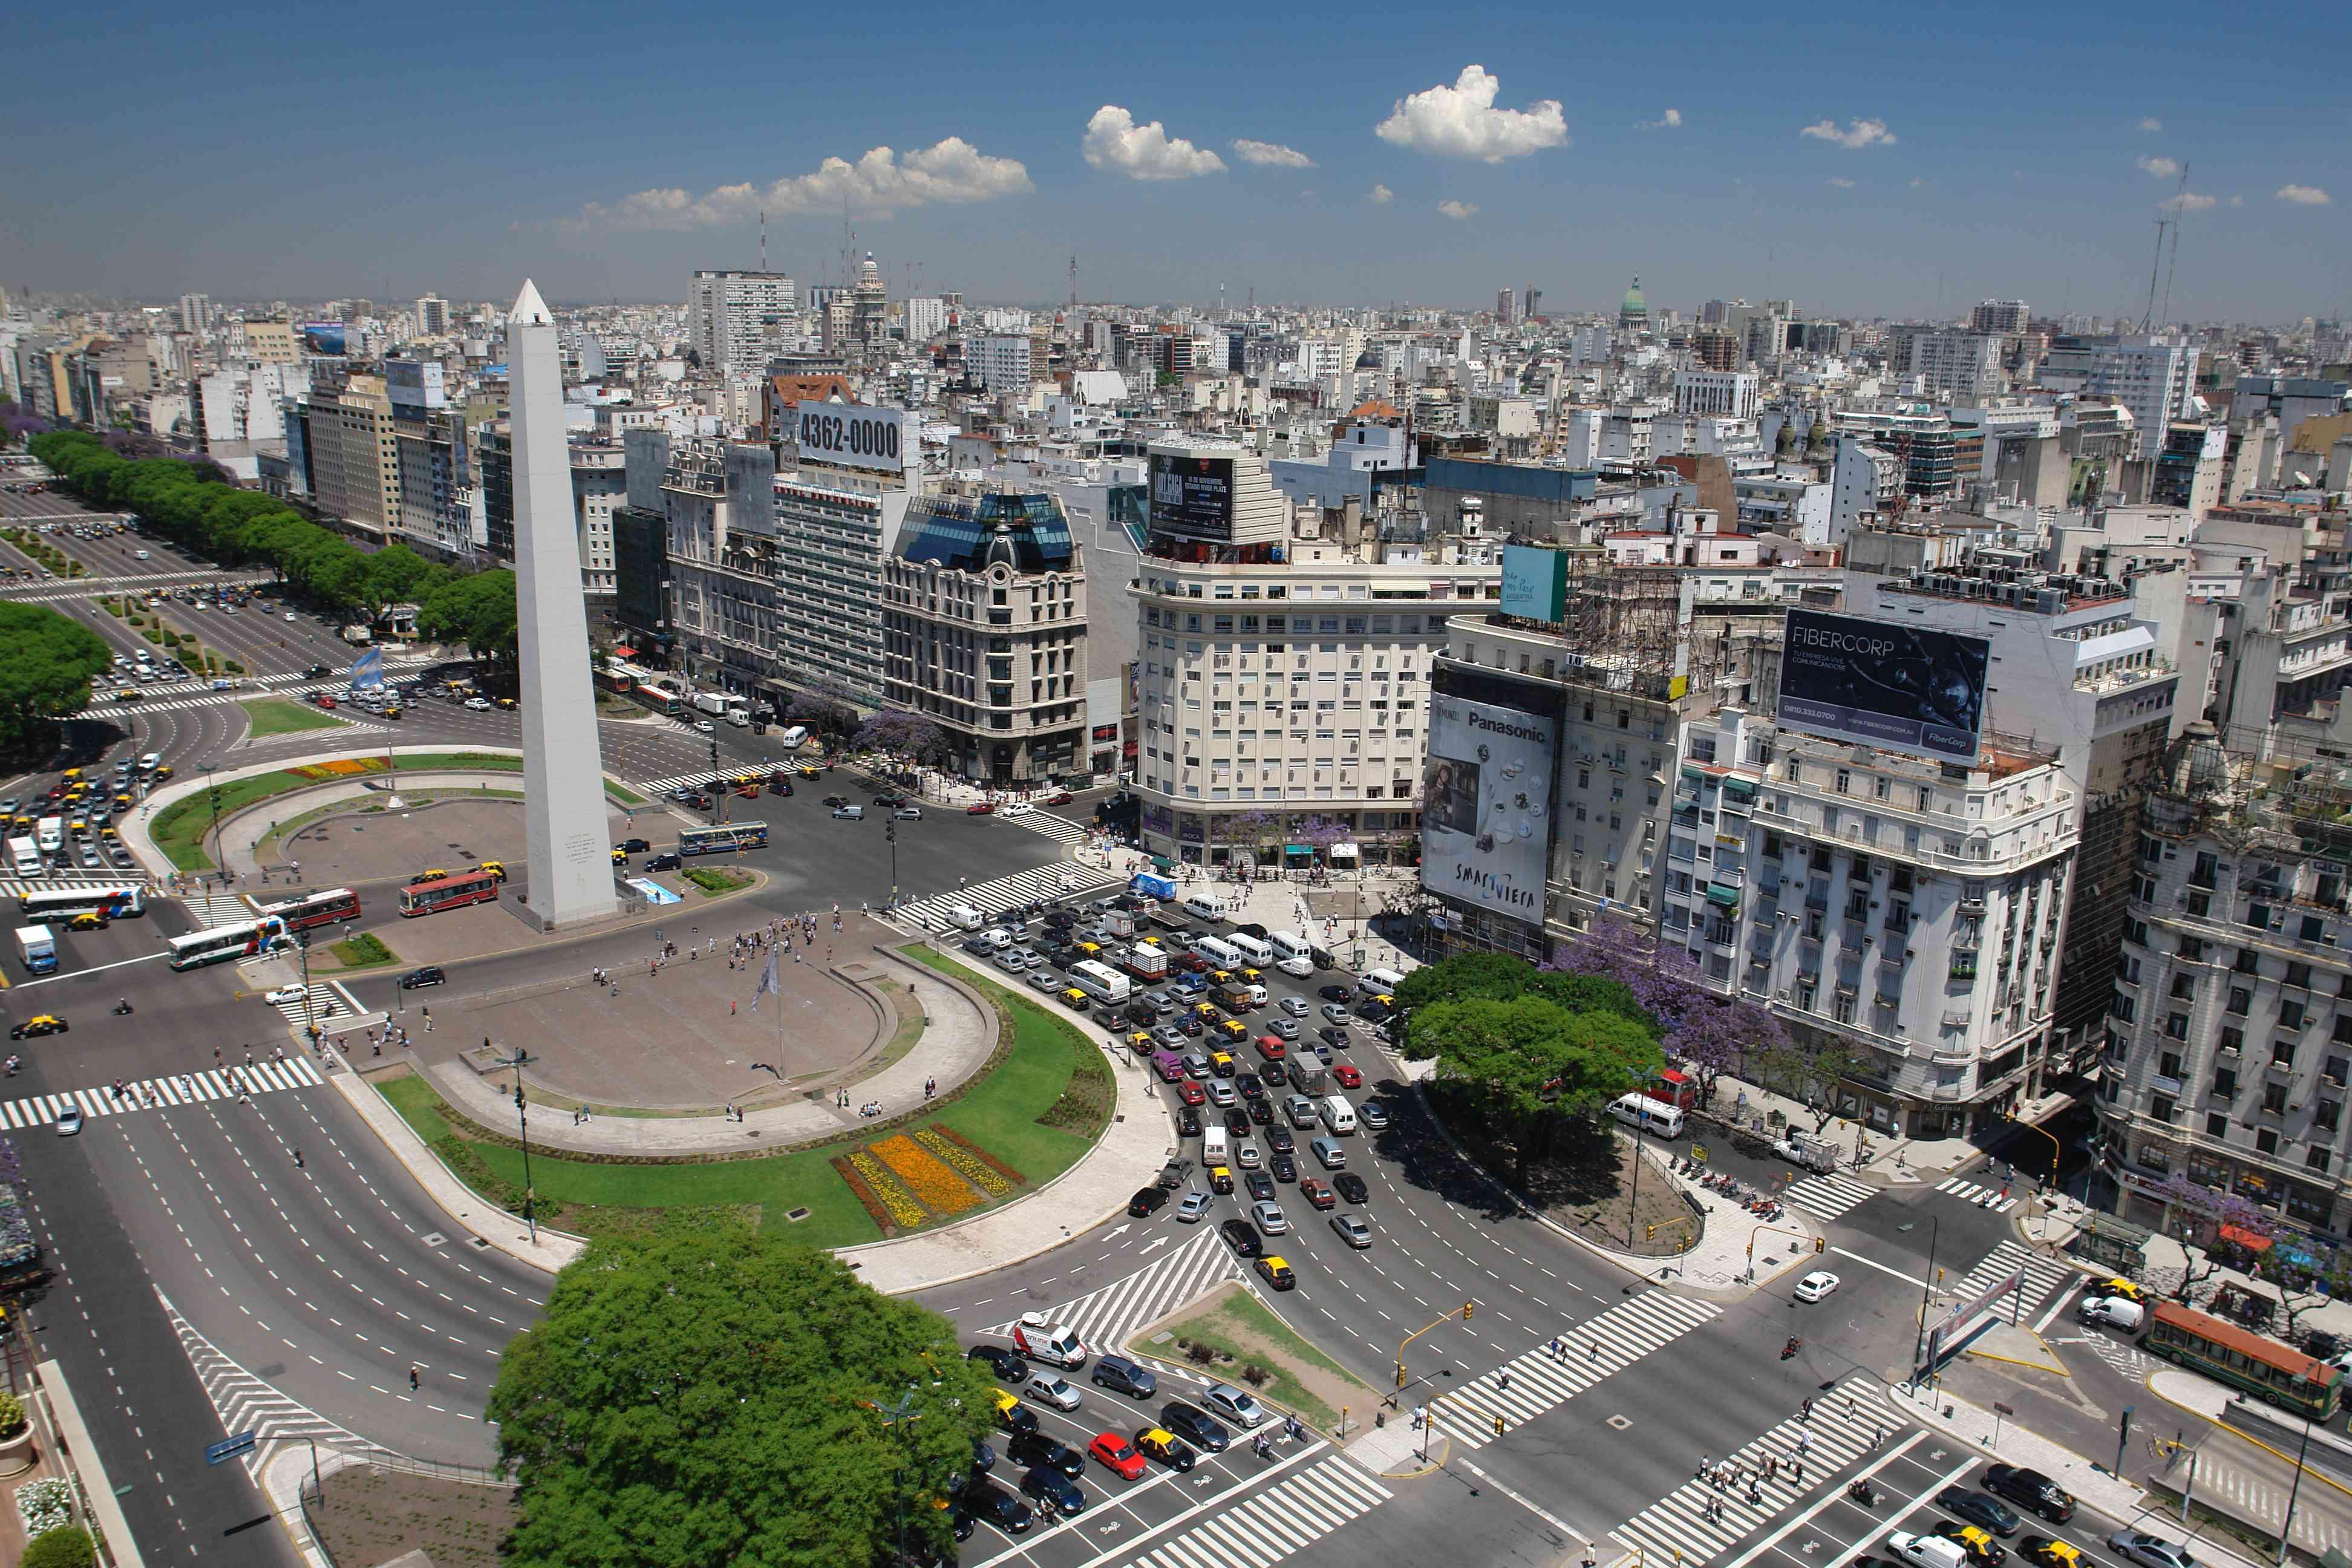 Vista de alto ángulo del obelisco de Buenos Aires por edificios en la ciudad